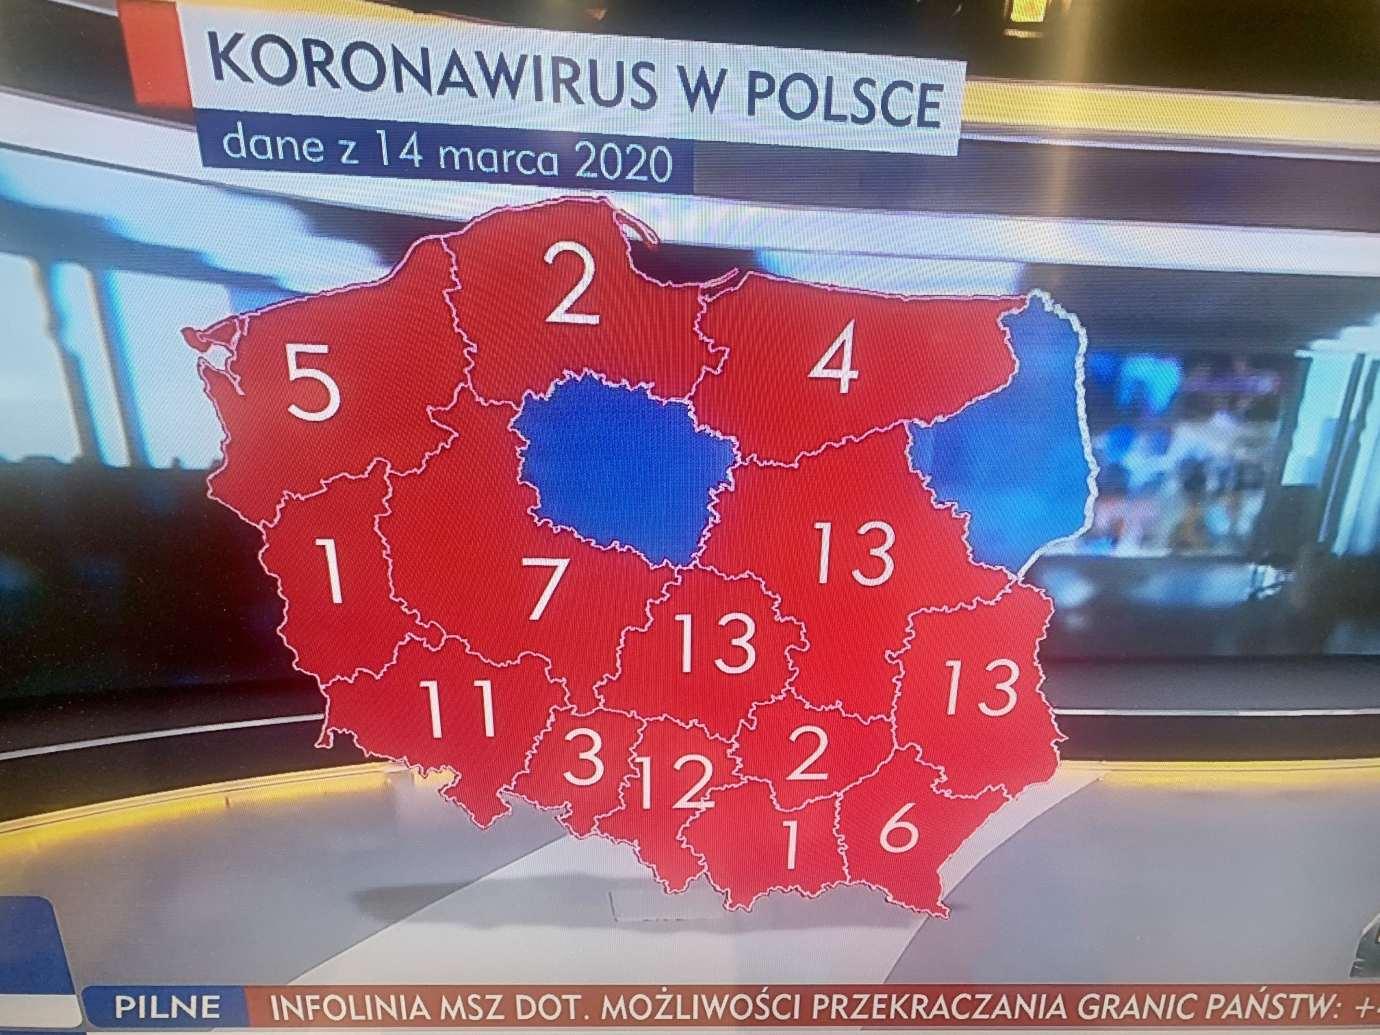 img 1059 Stan na godzinę 15.00: Polska 93, Lubelskie 13, Biłgoraj 1 osoba zarażona koronawirusem